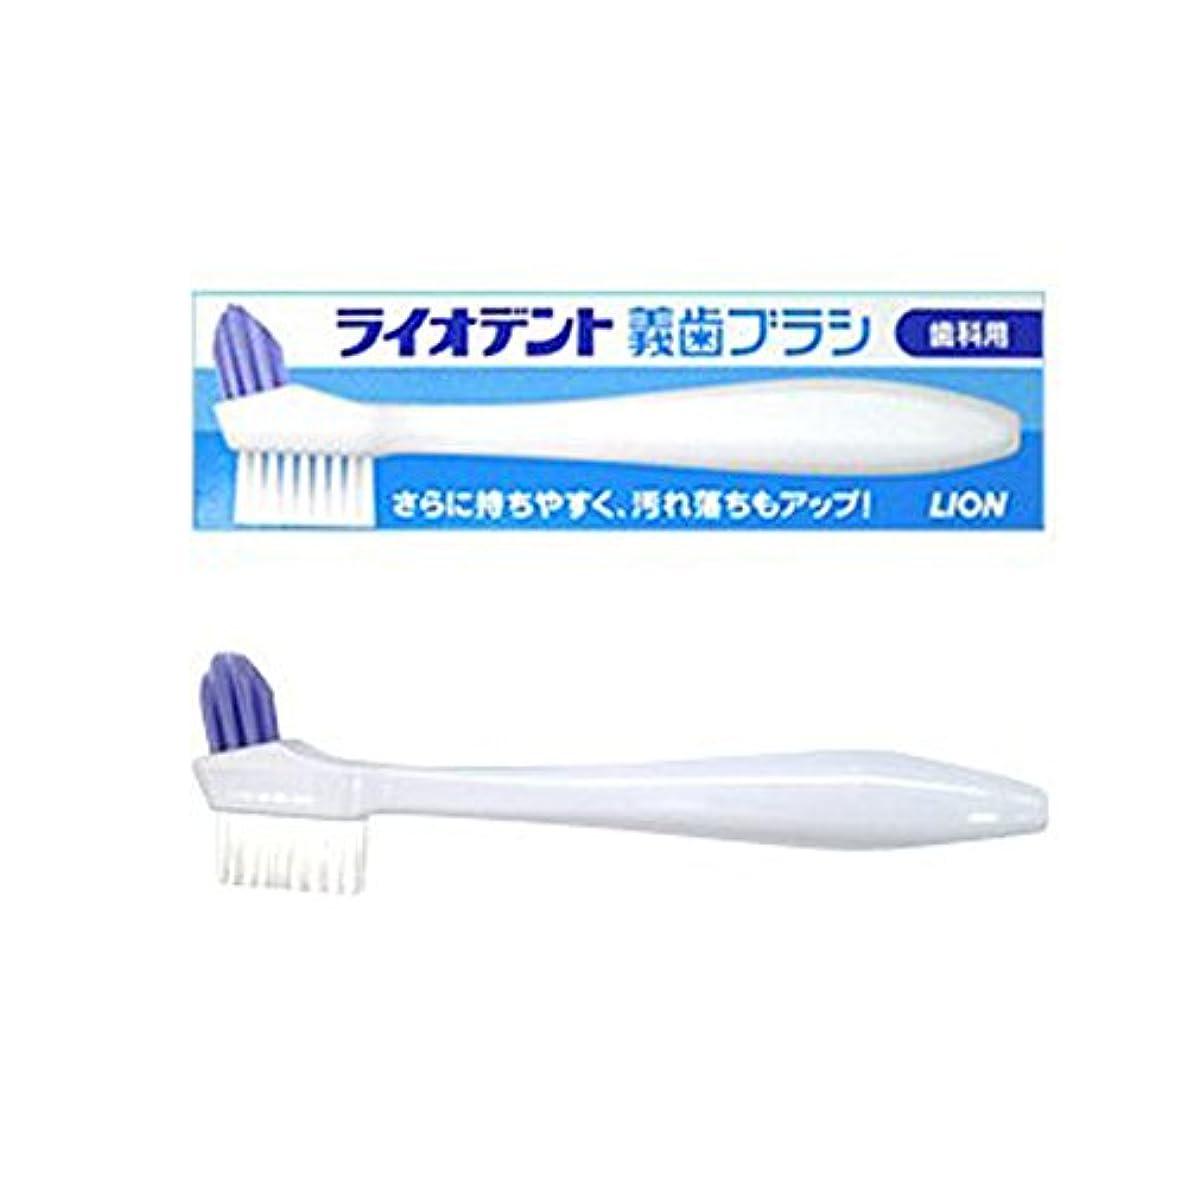 売る無声で帳面ライオデント義歯ブラシ 1本